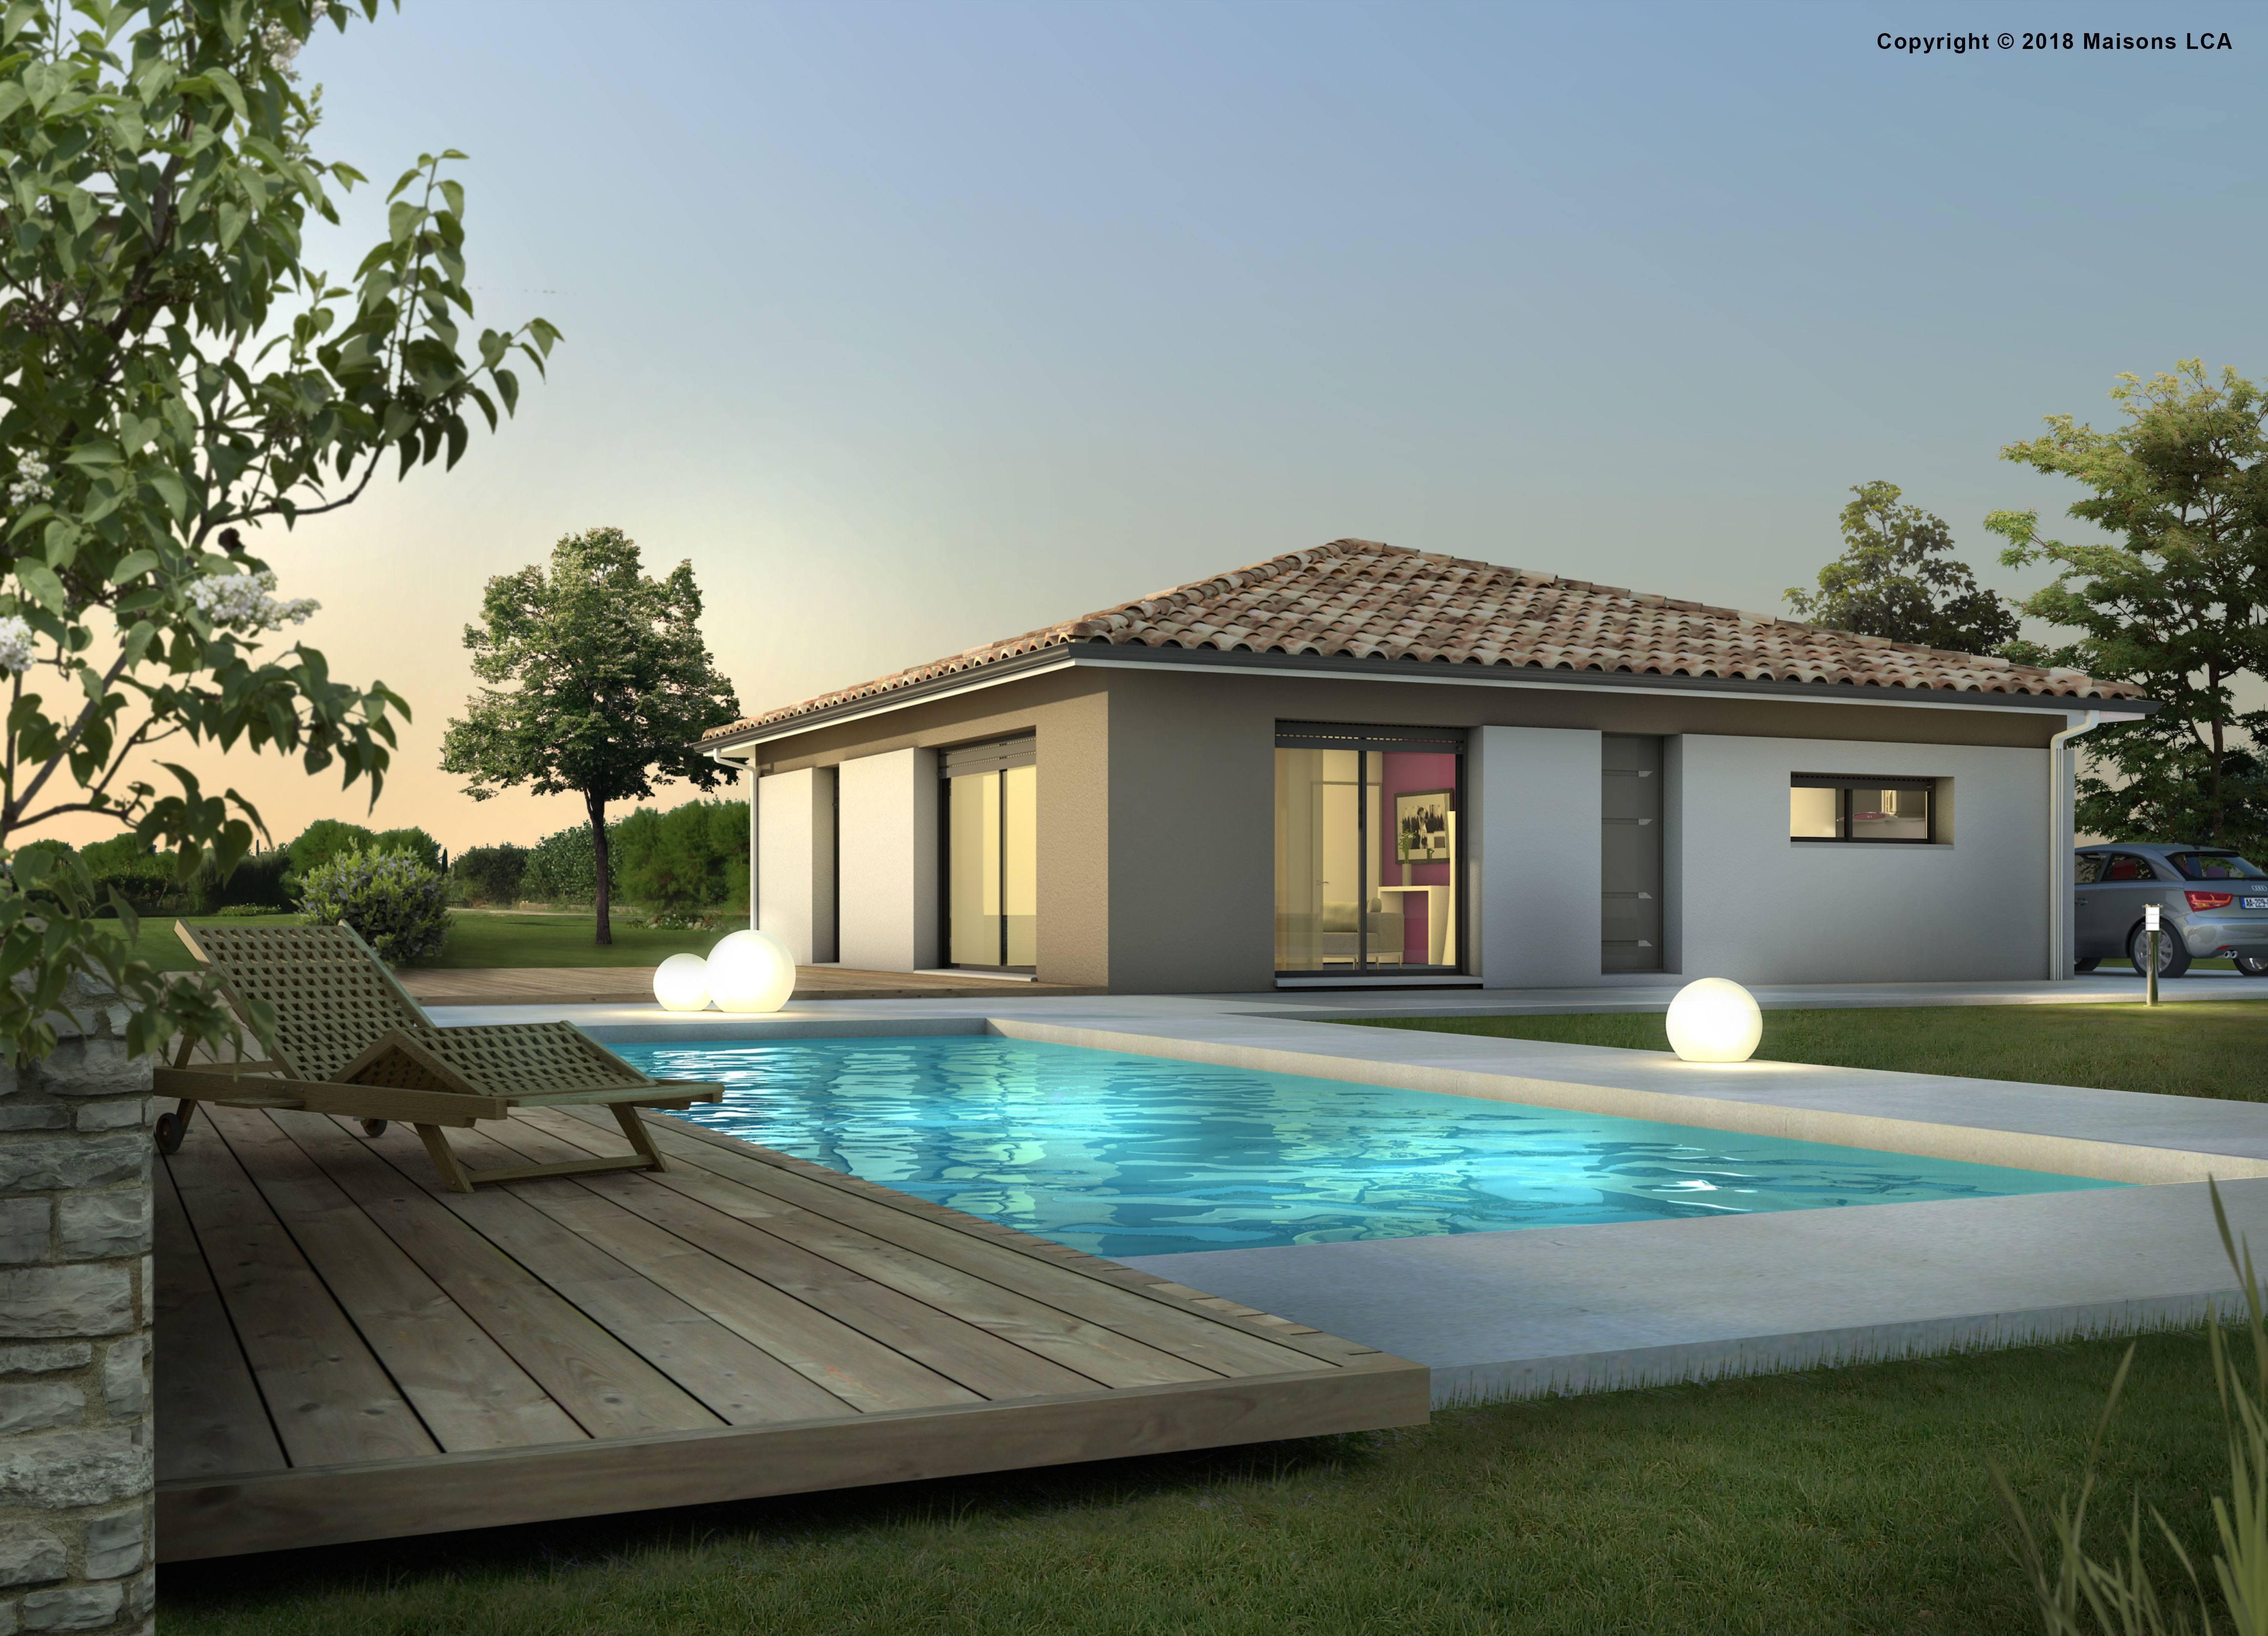 Maisons + Terrains du constructeur LCA MONT DE MARSAN • 90 m² • HAGETMAU